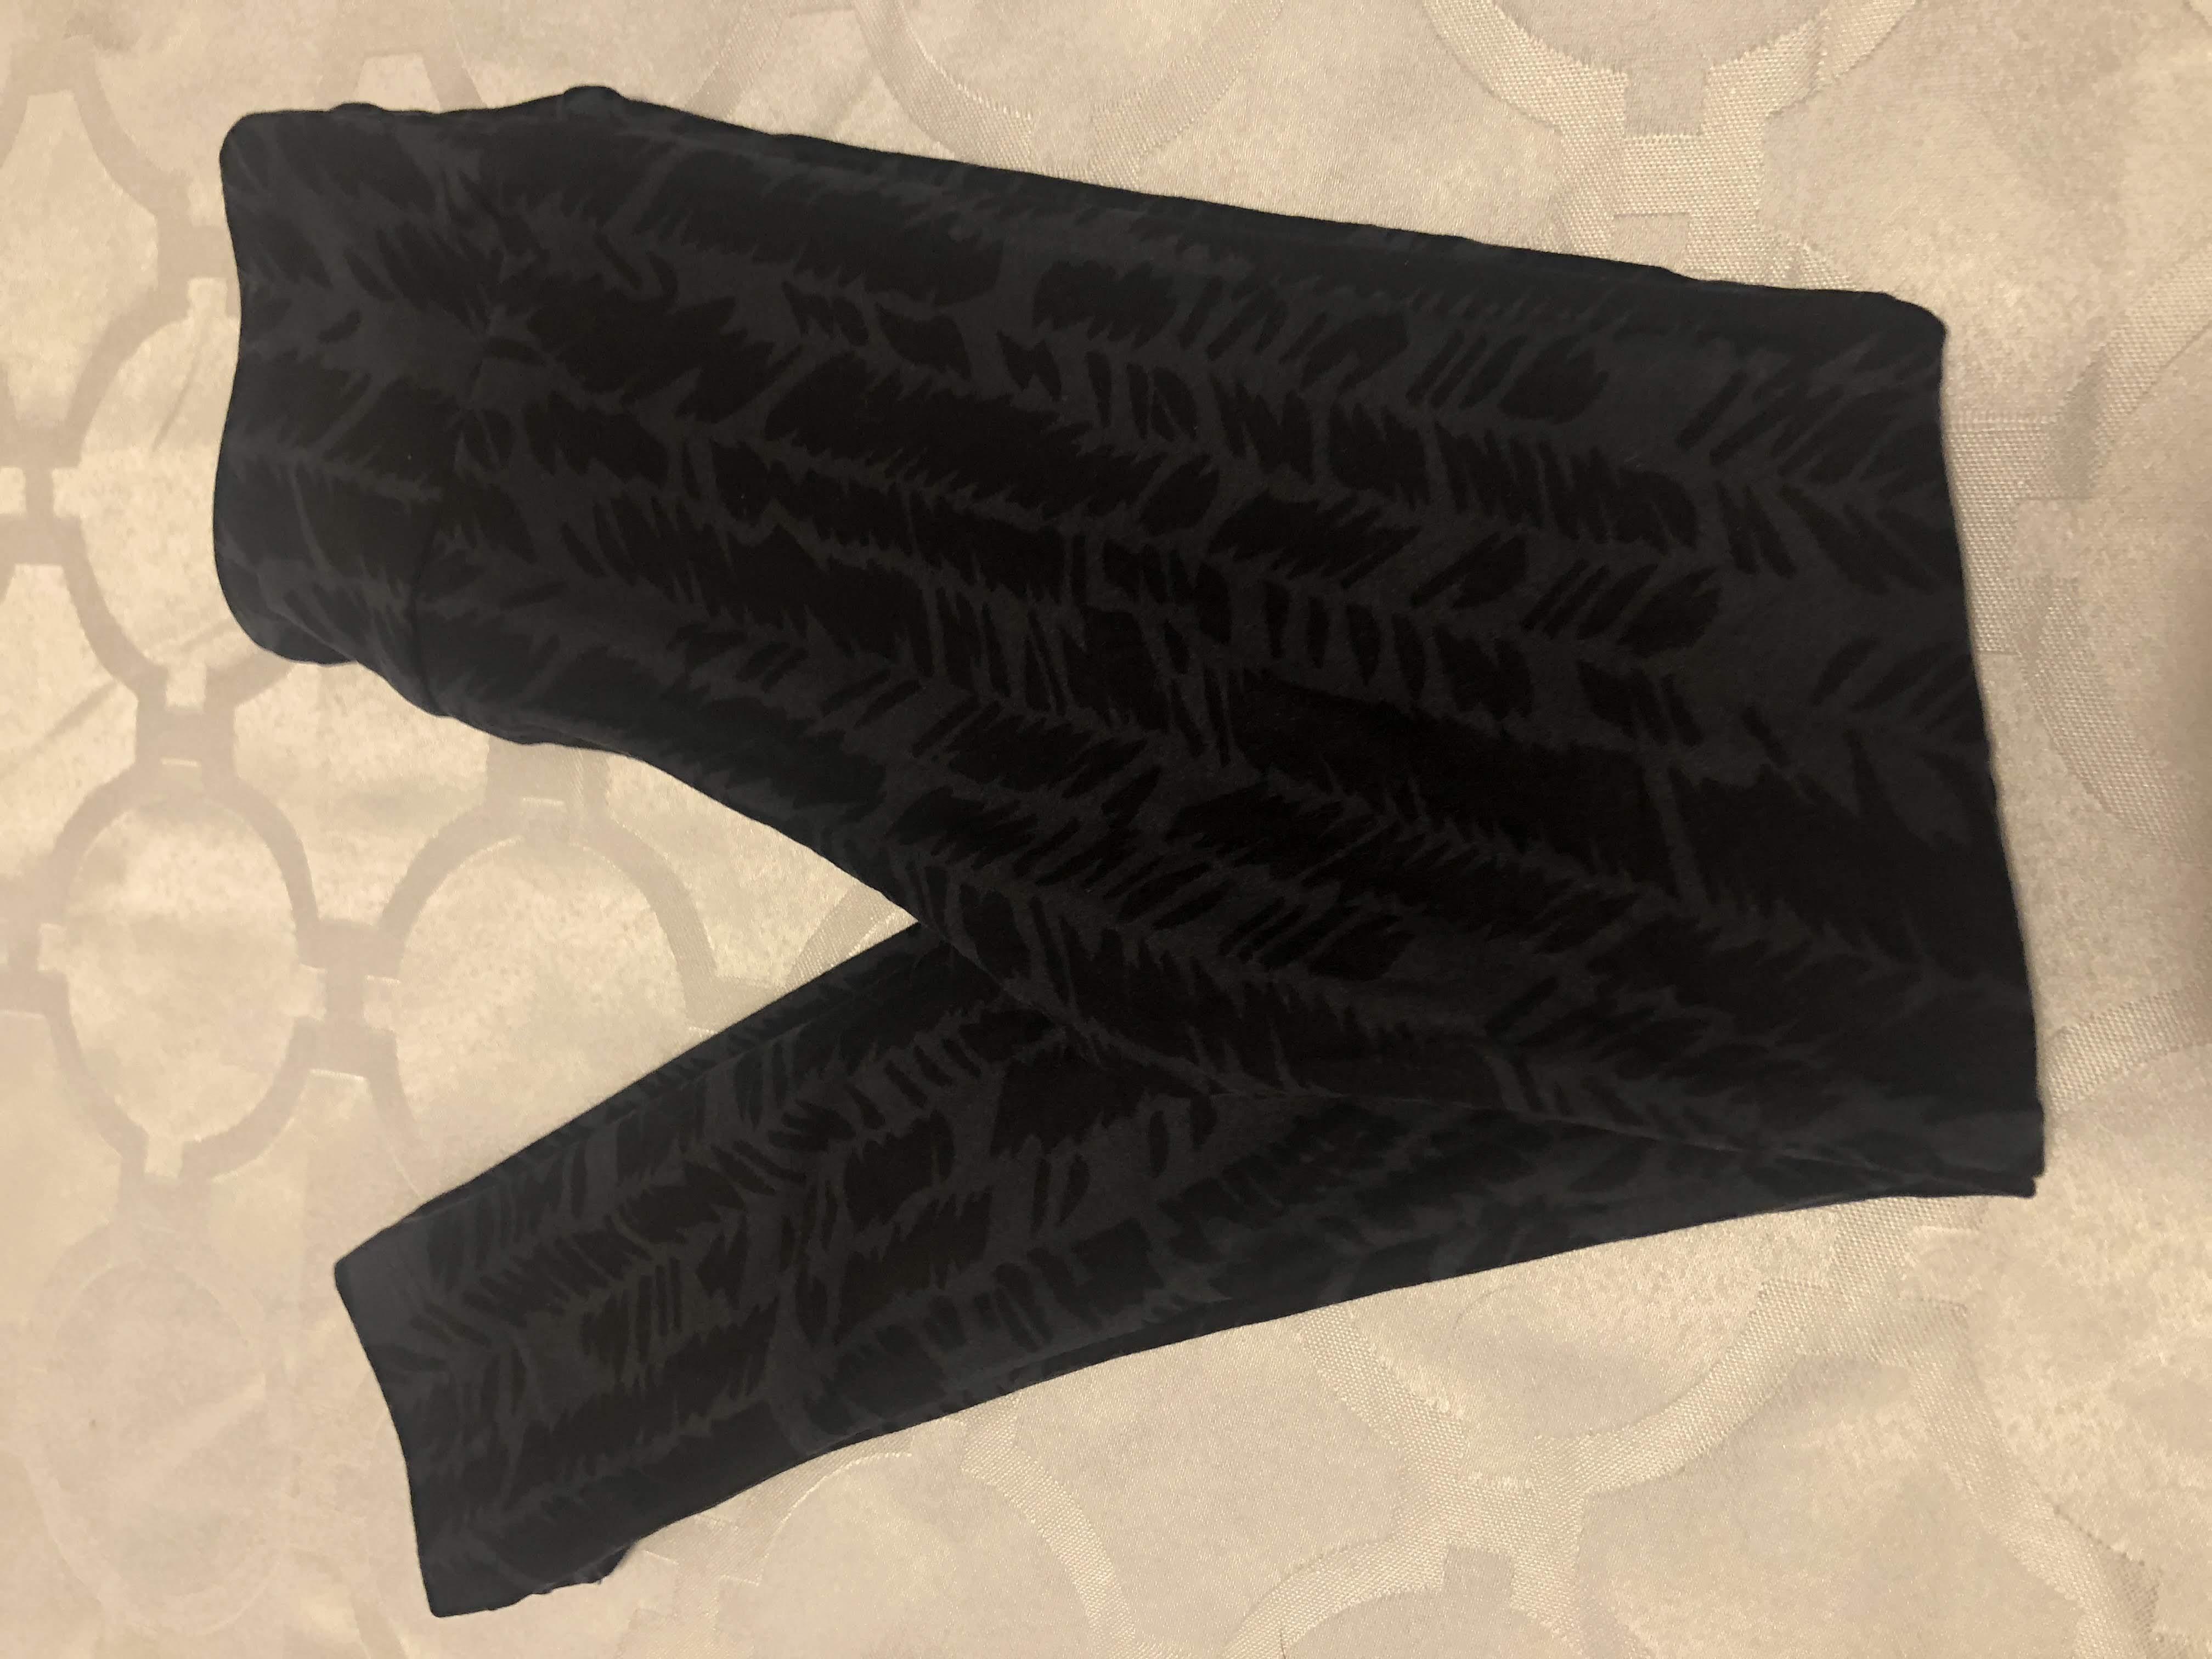 026dc8b6c4dbab LulaRoe Children's Leggings S/M on Storenvy